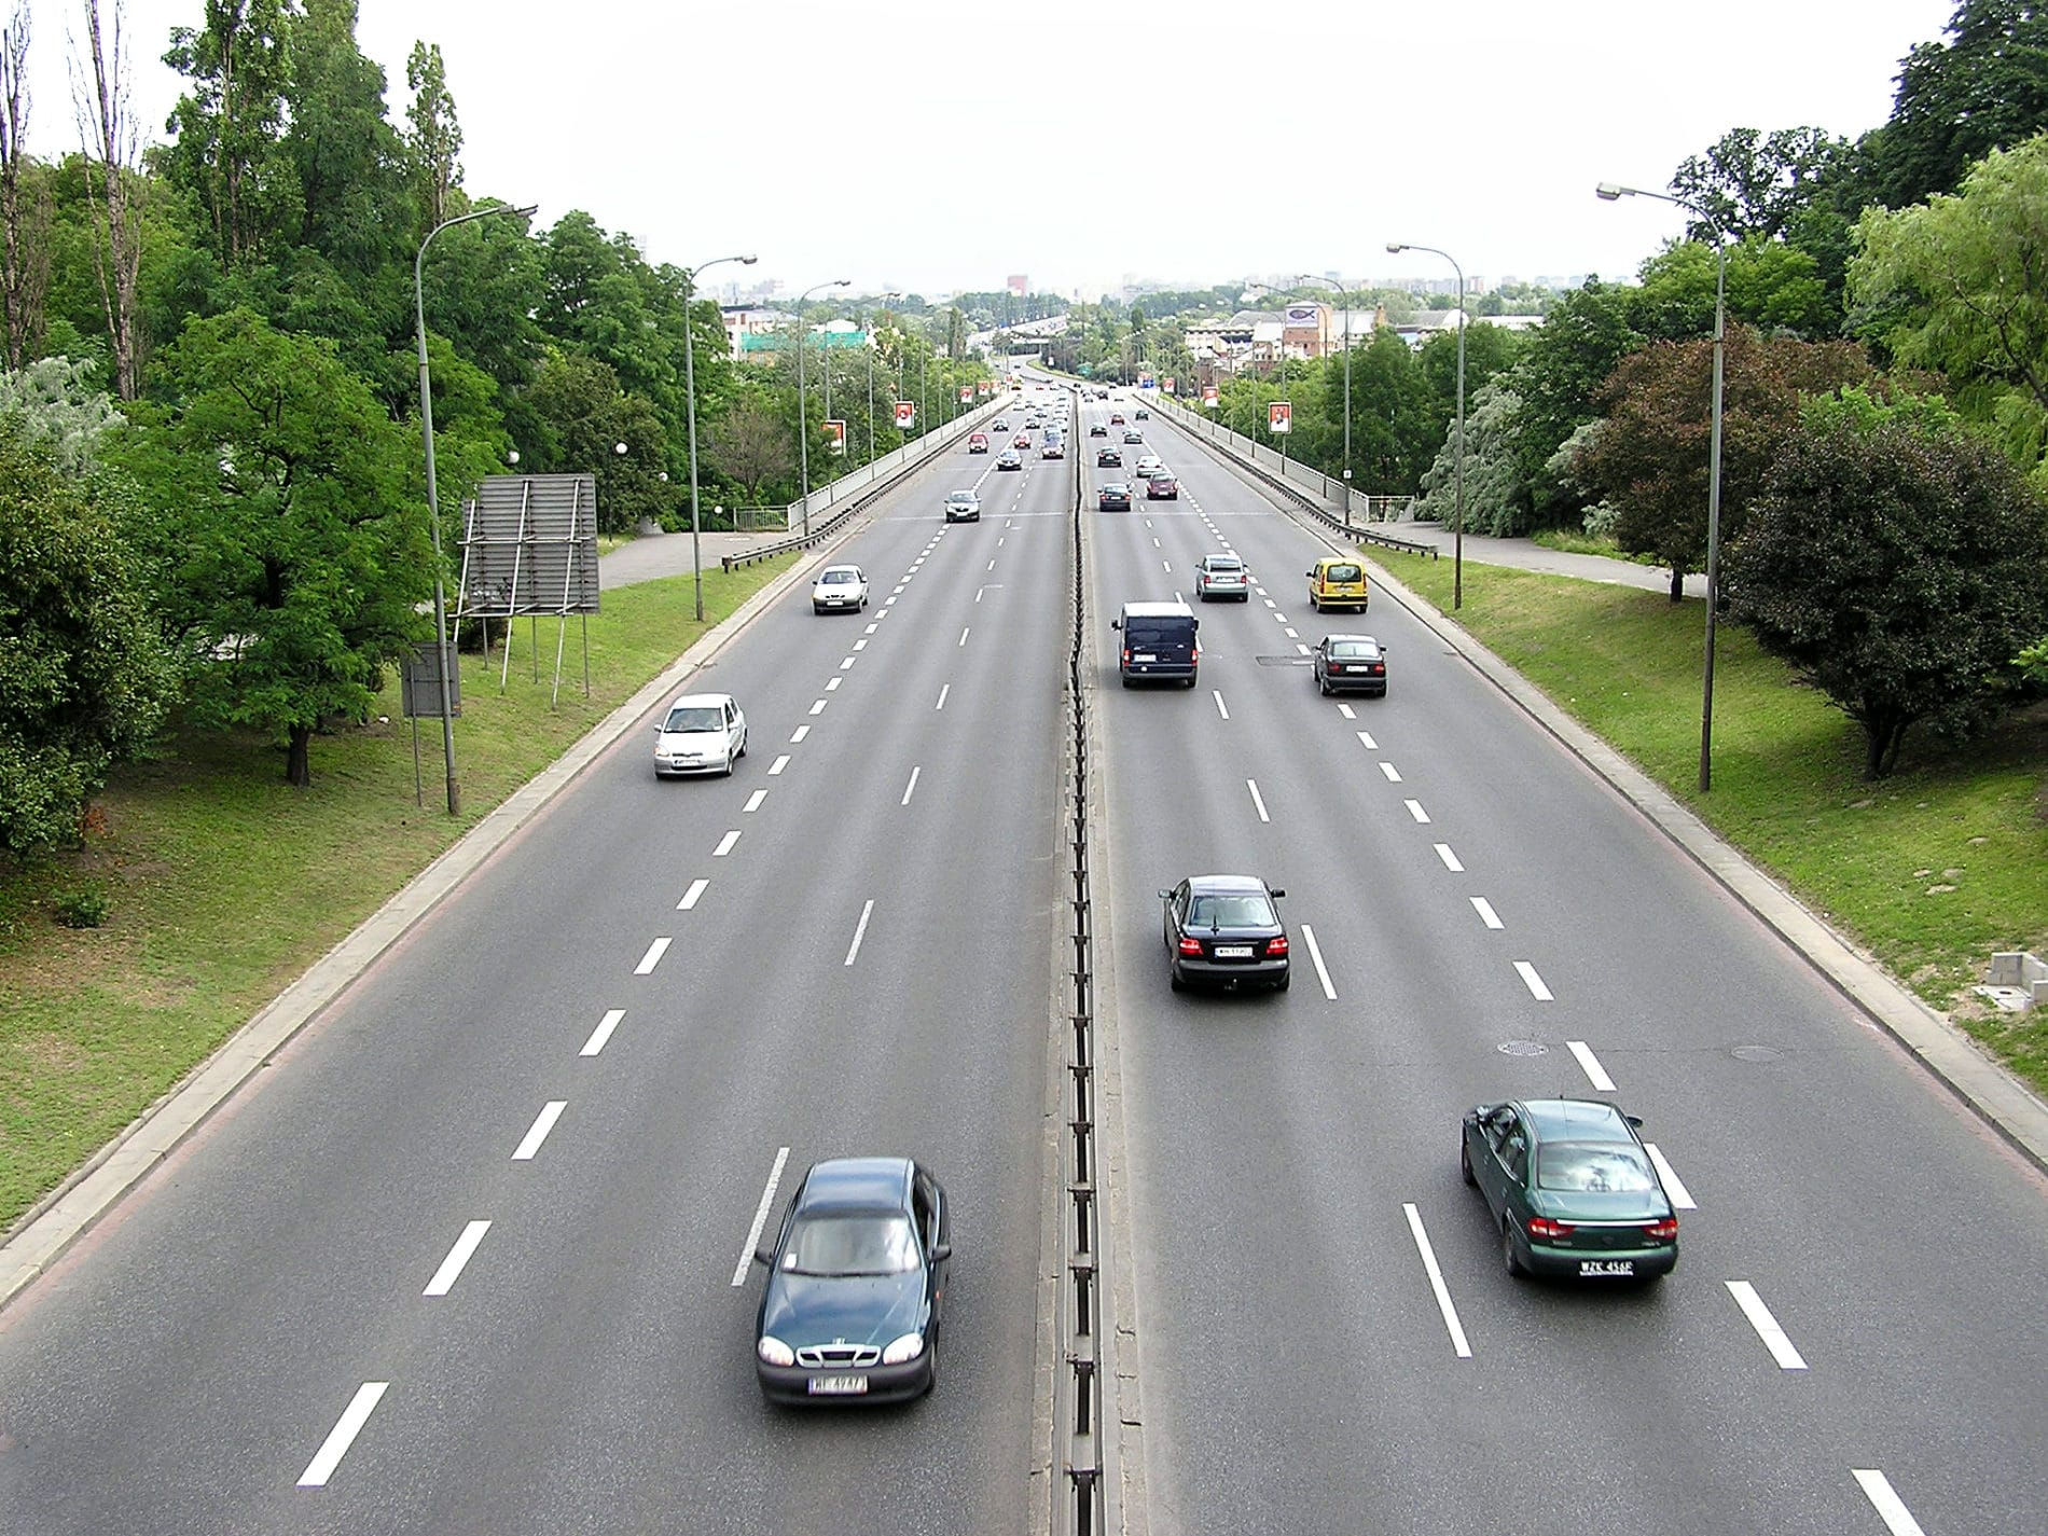 Sondage: Suppression de l'amende pour les excès de vitesse inférieurs à 10 kmh